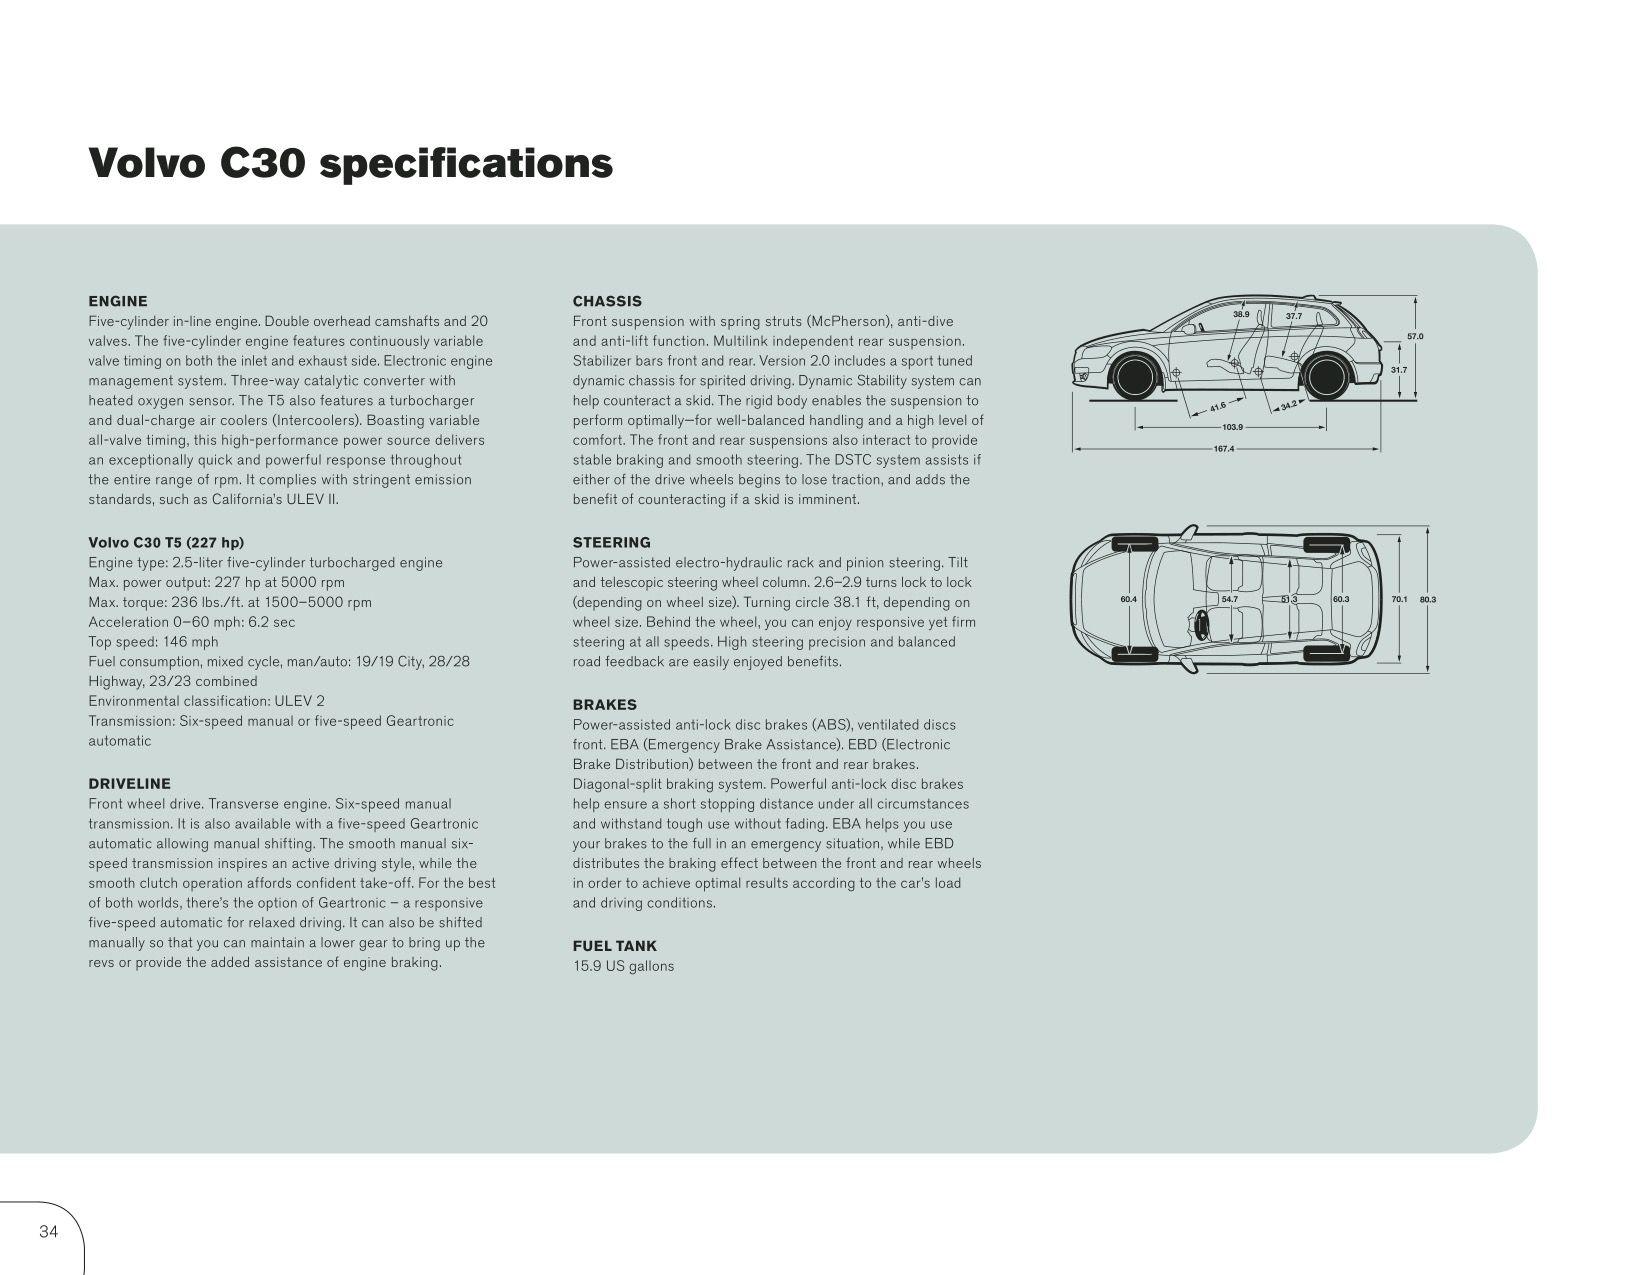 2009 Volvo C30 Brochure Page 36